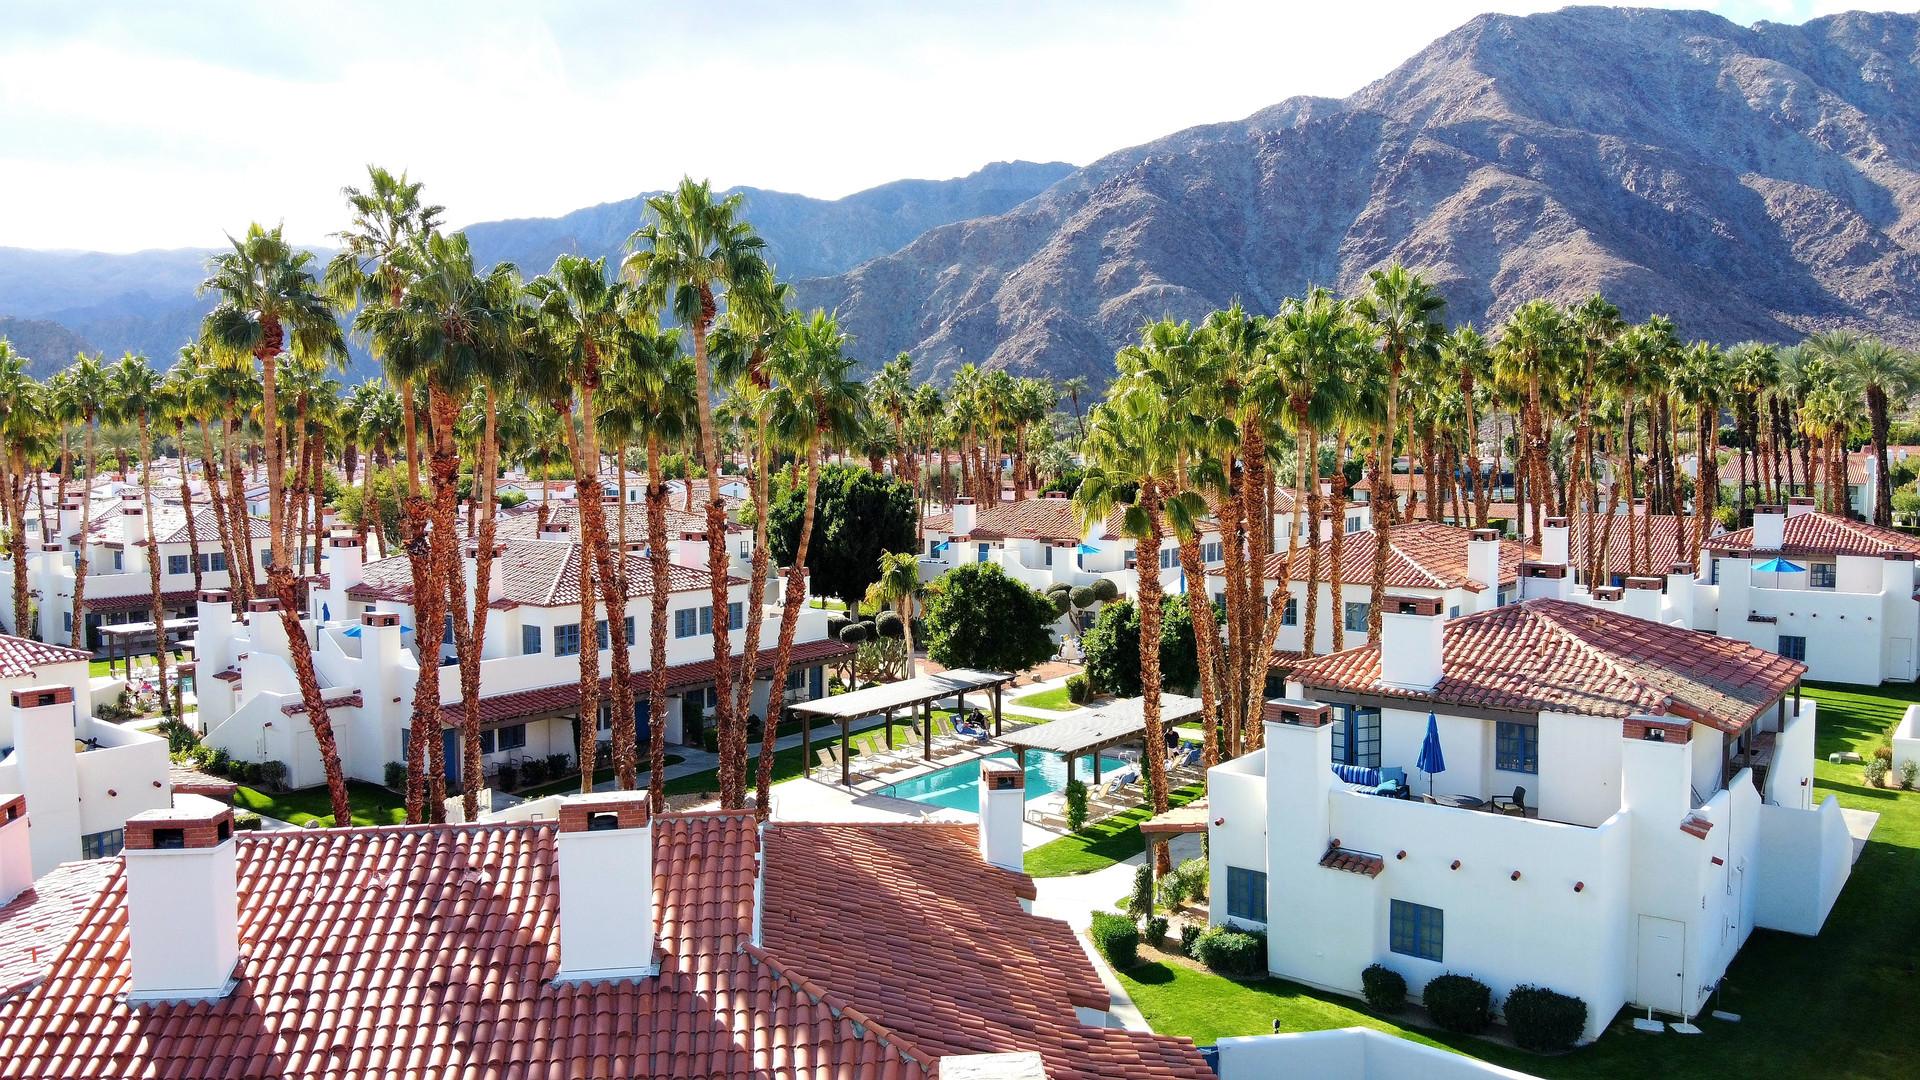 La Quinta Resort in Palm Springs